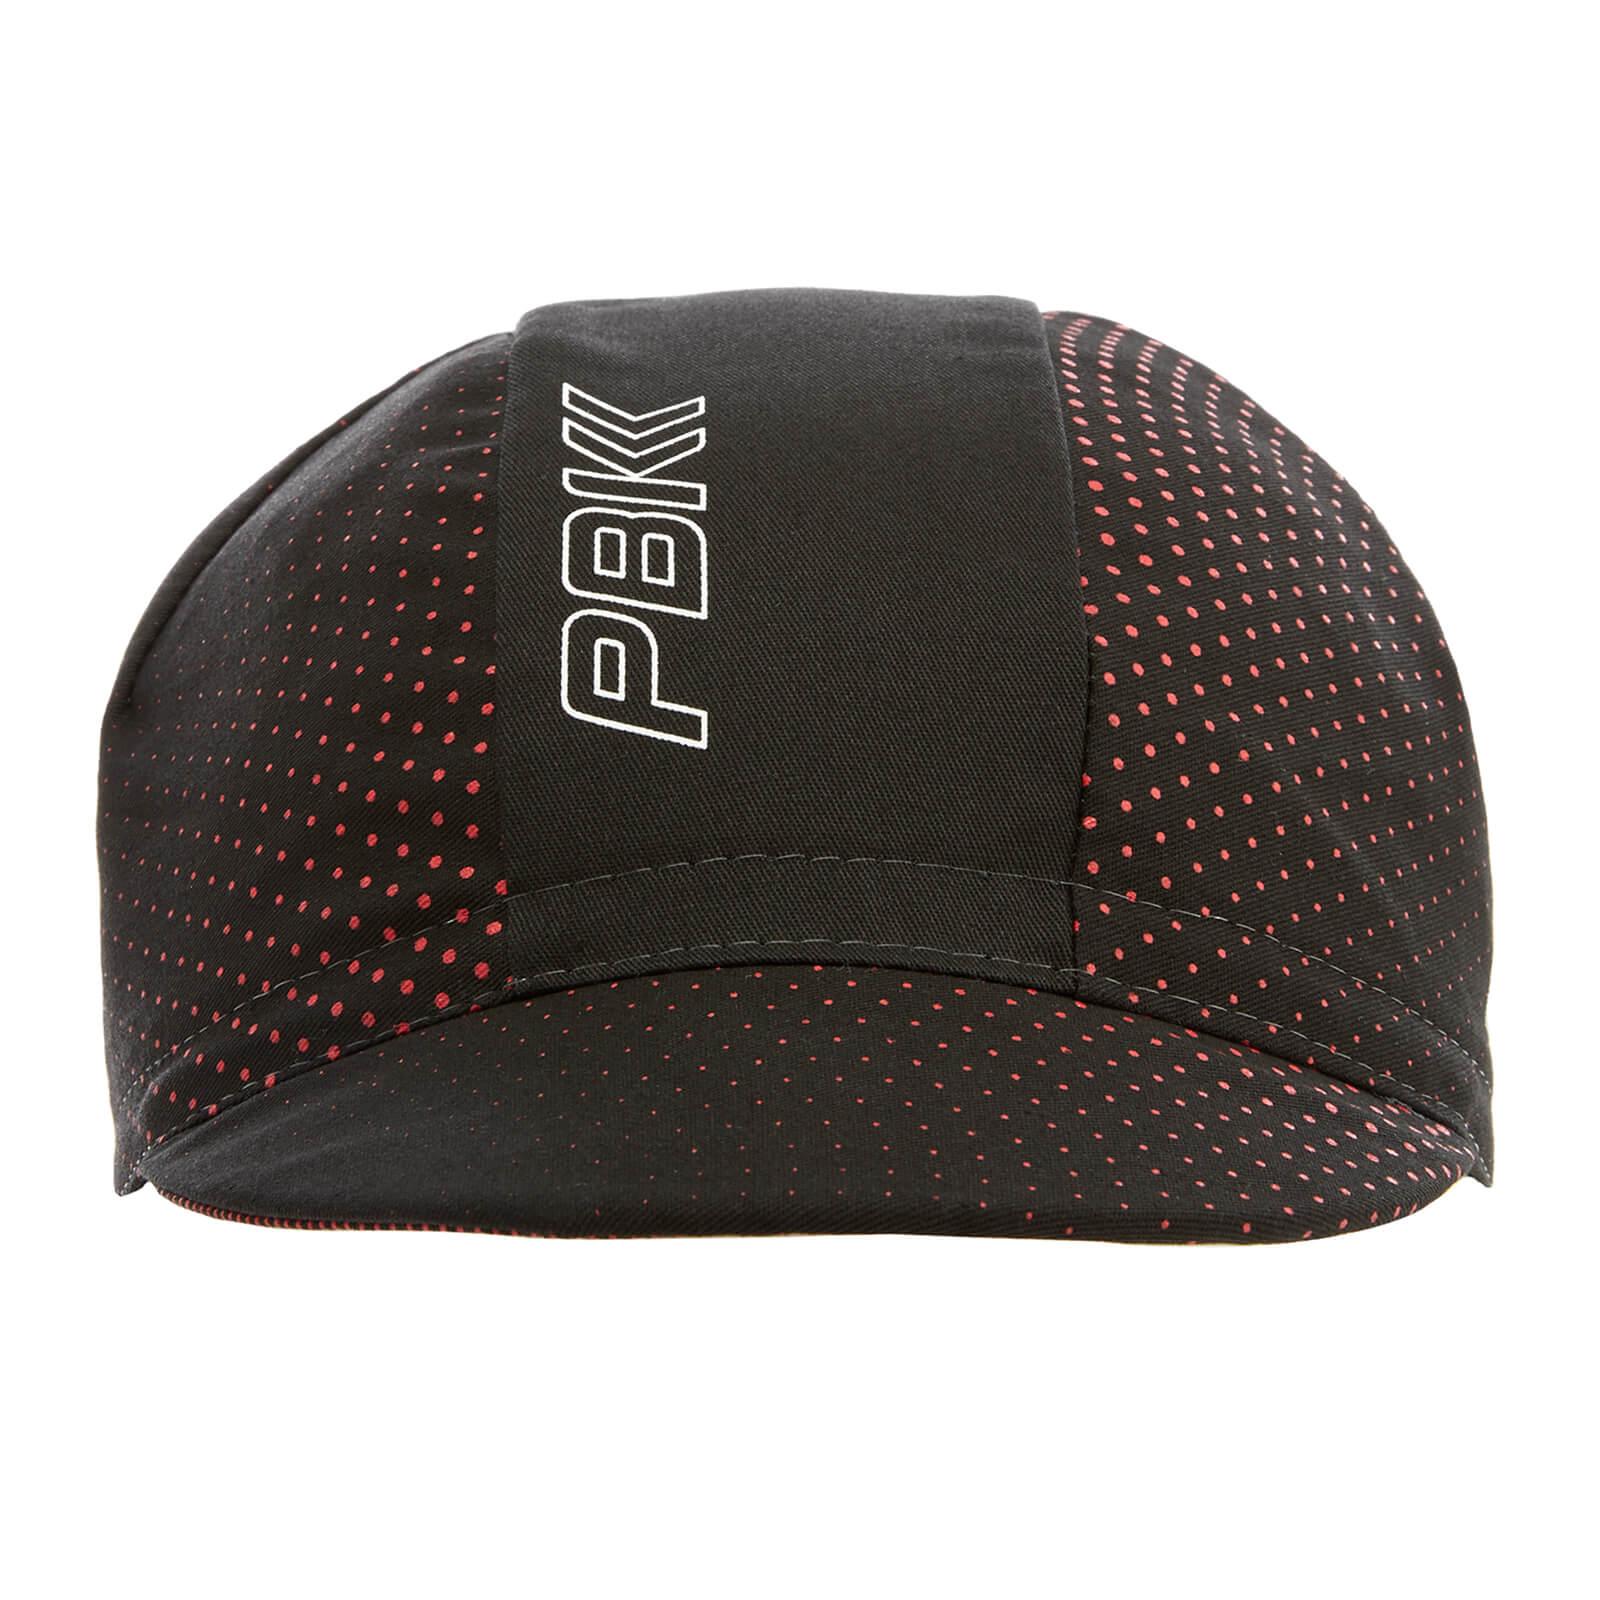 PBK Santini 19 Race Cotton Cap - Black Red  bf09905af